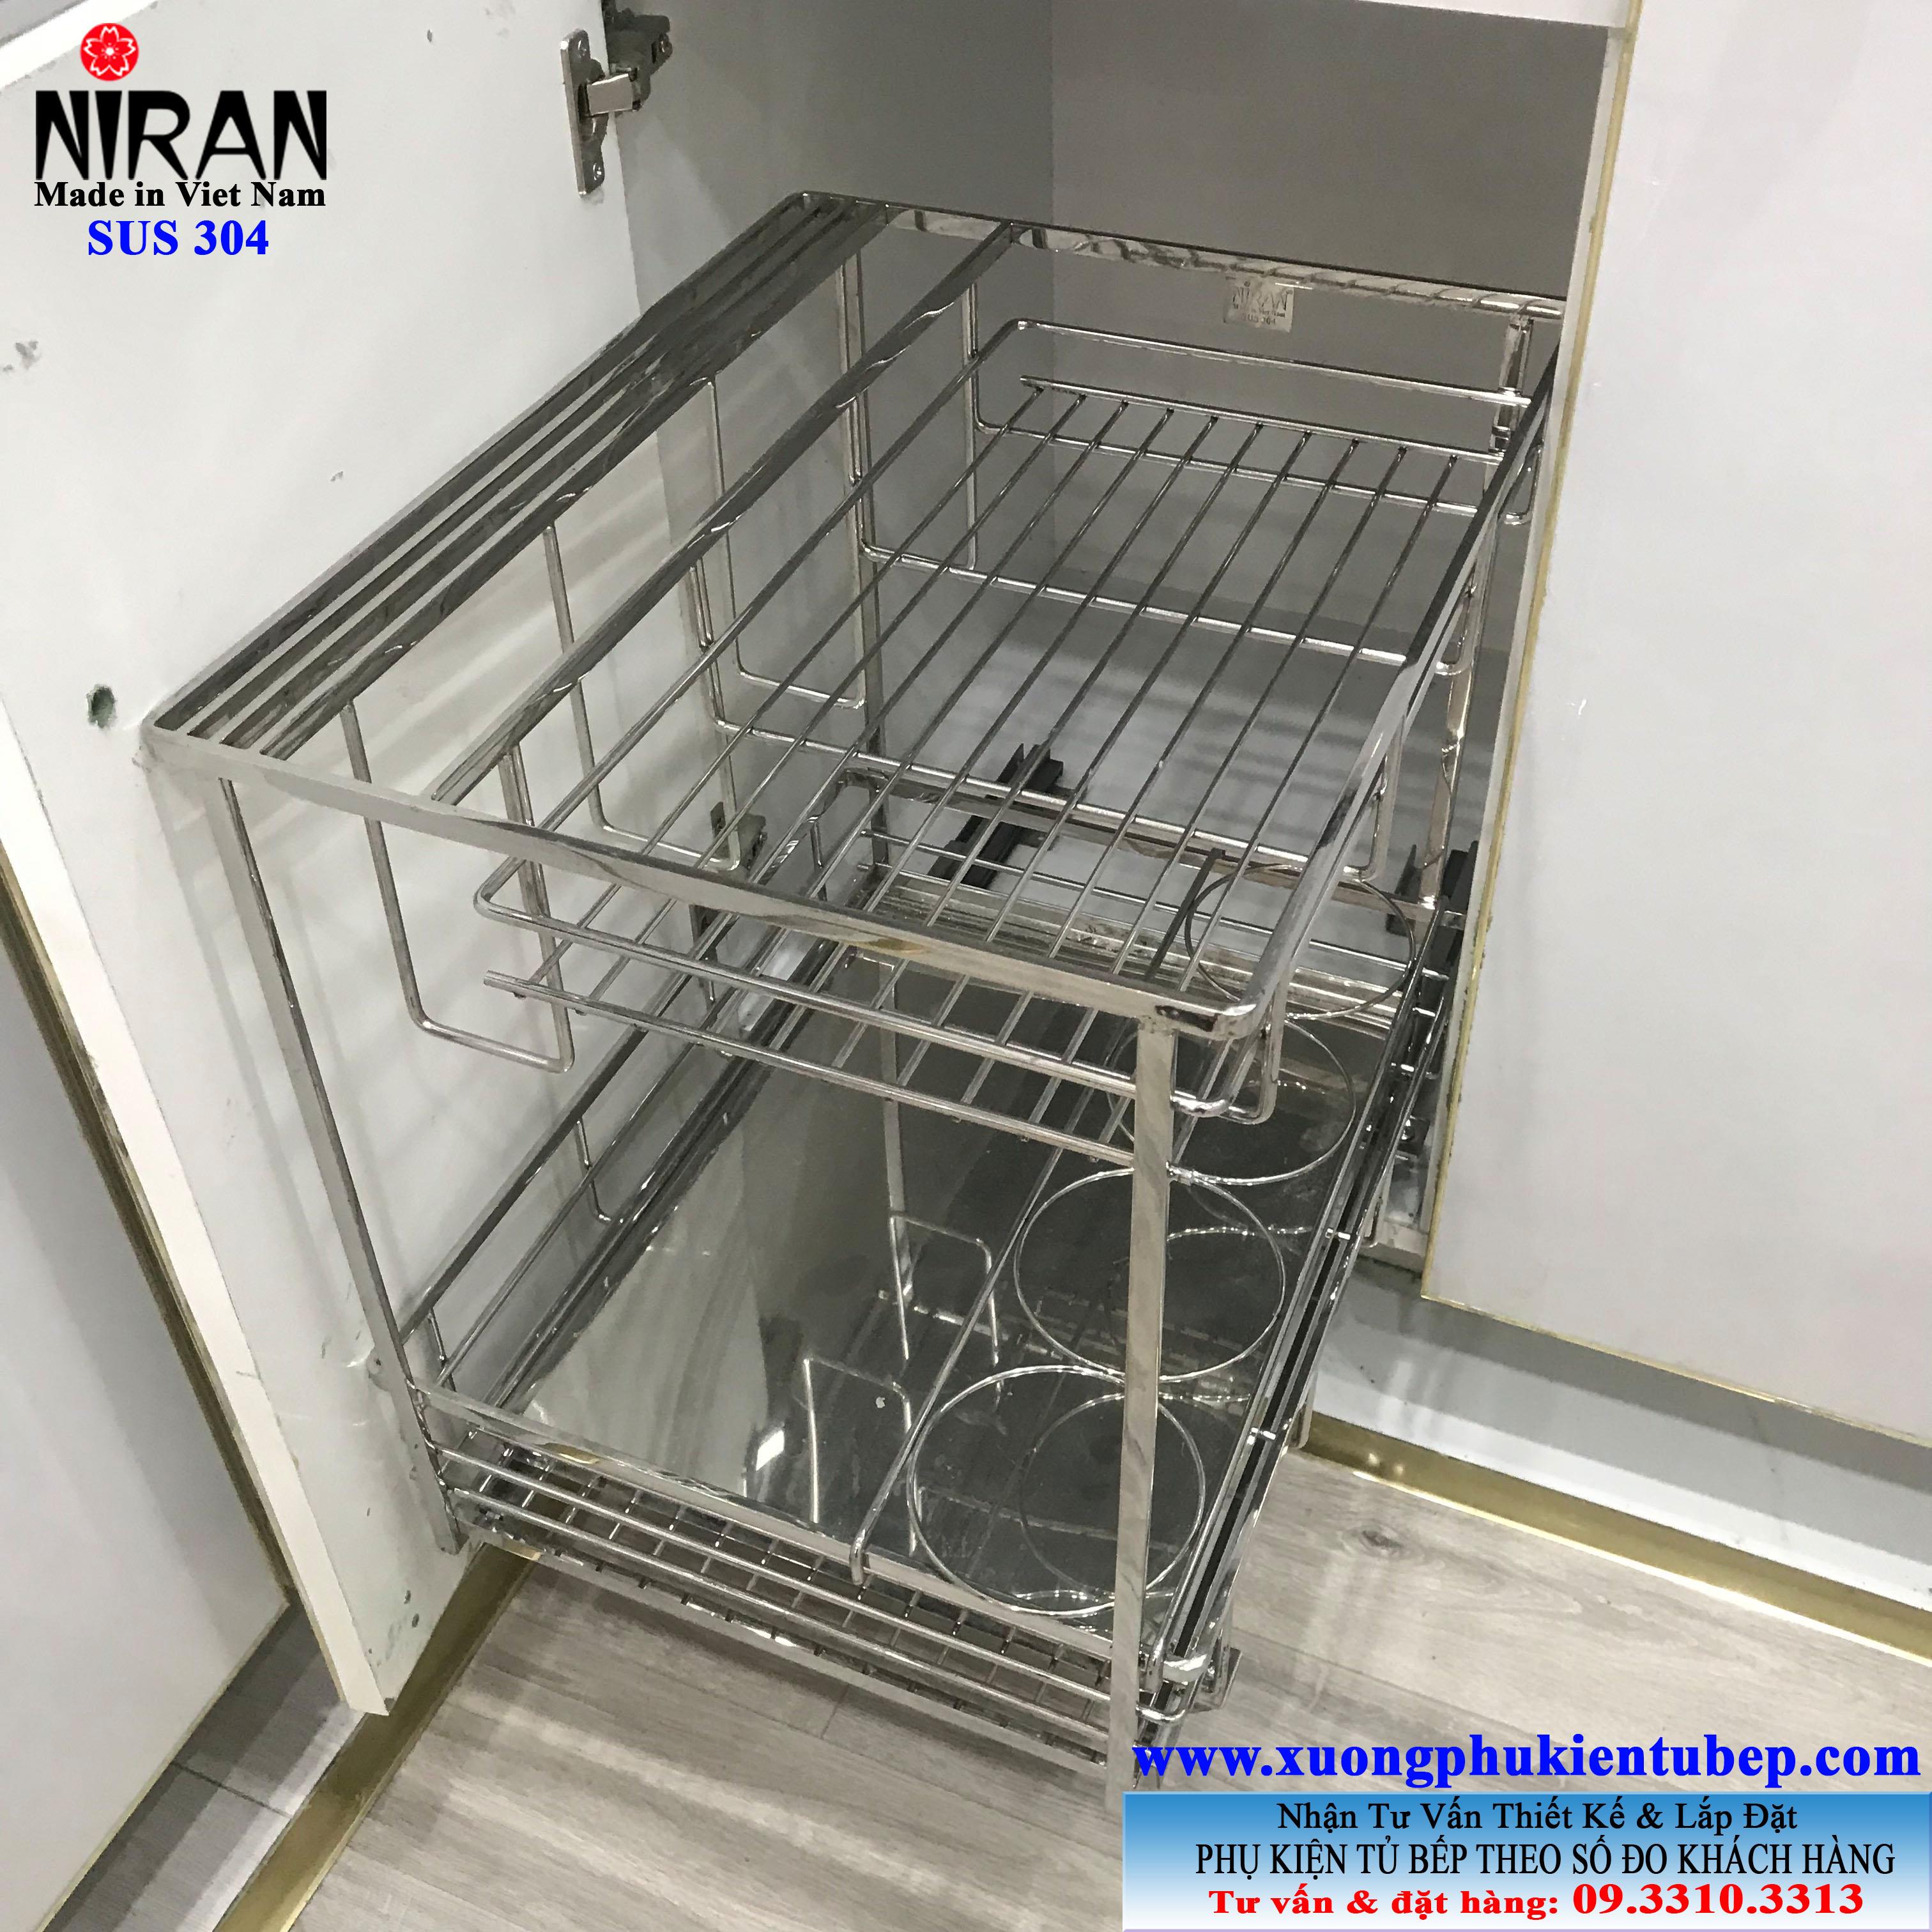 Kệ gia vị Niran inox 304 NR0302 có ray giảm chấn